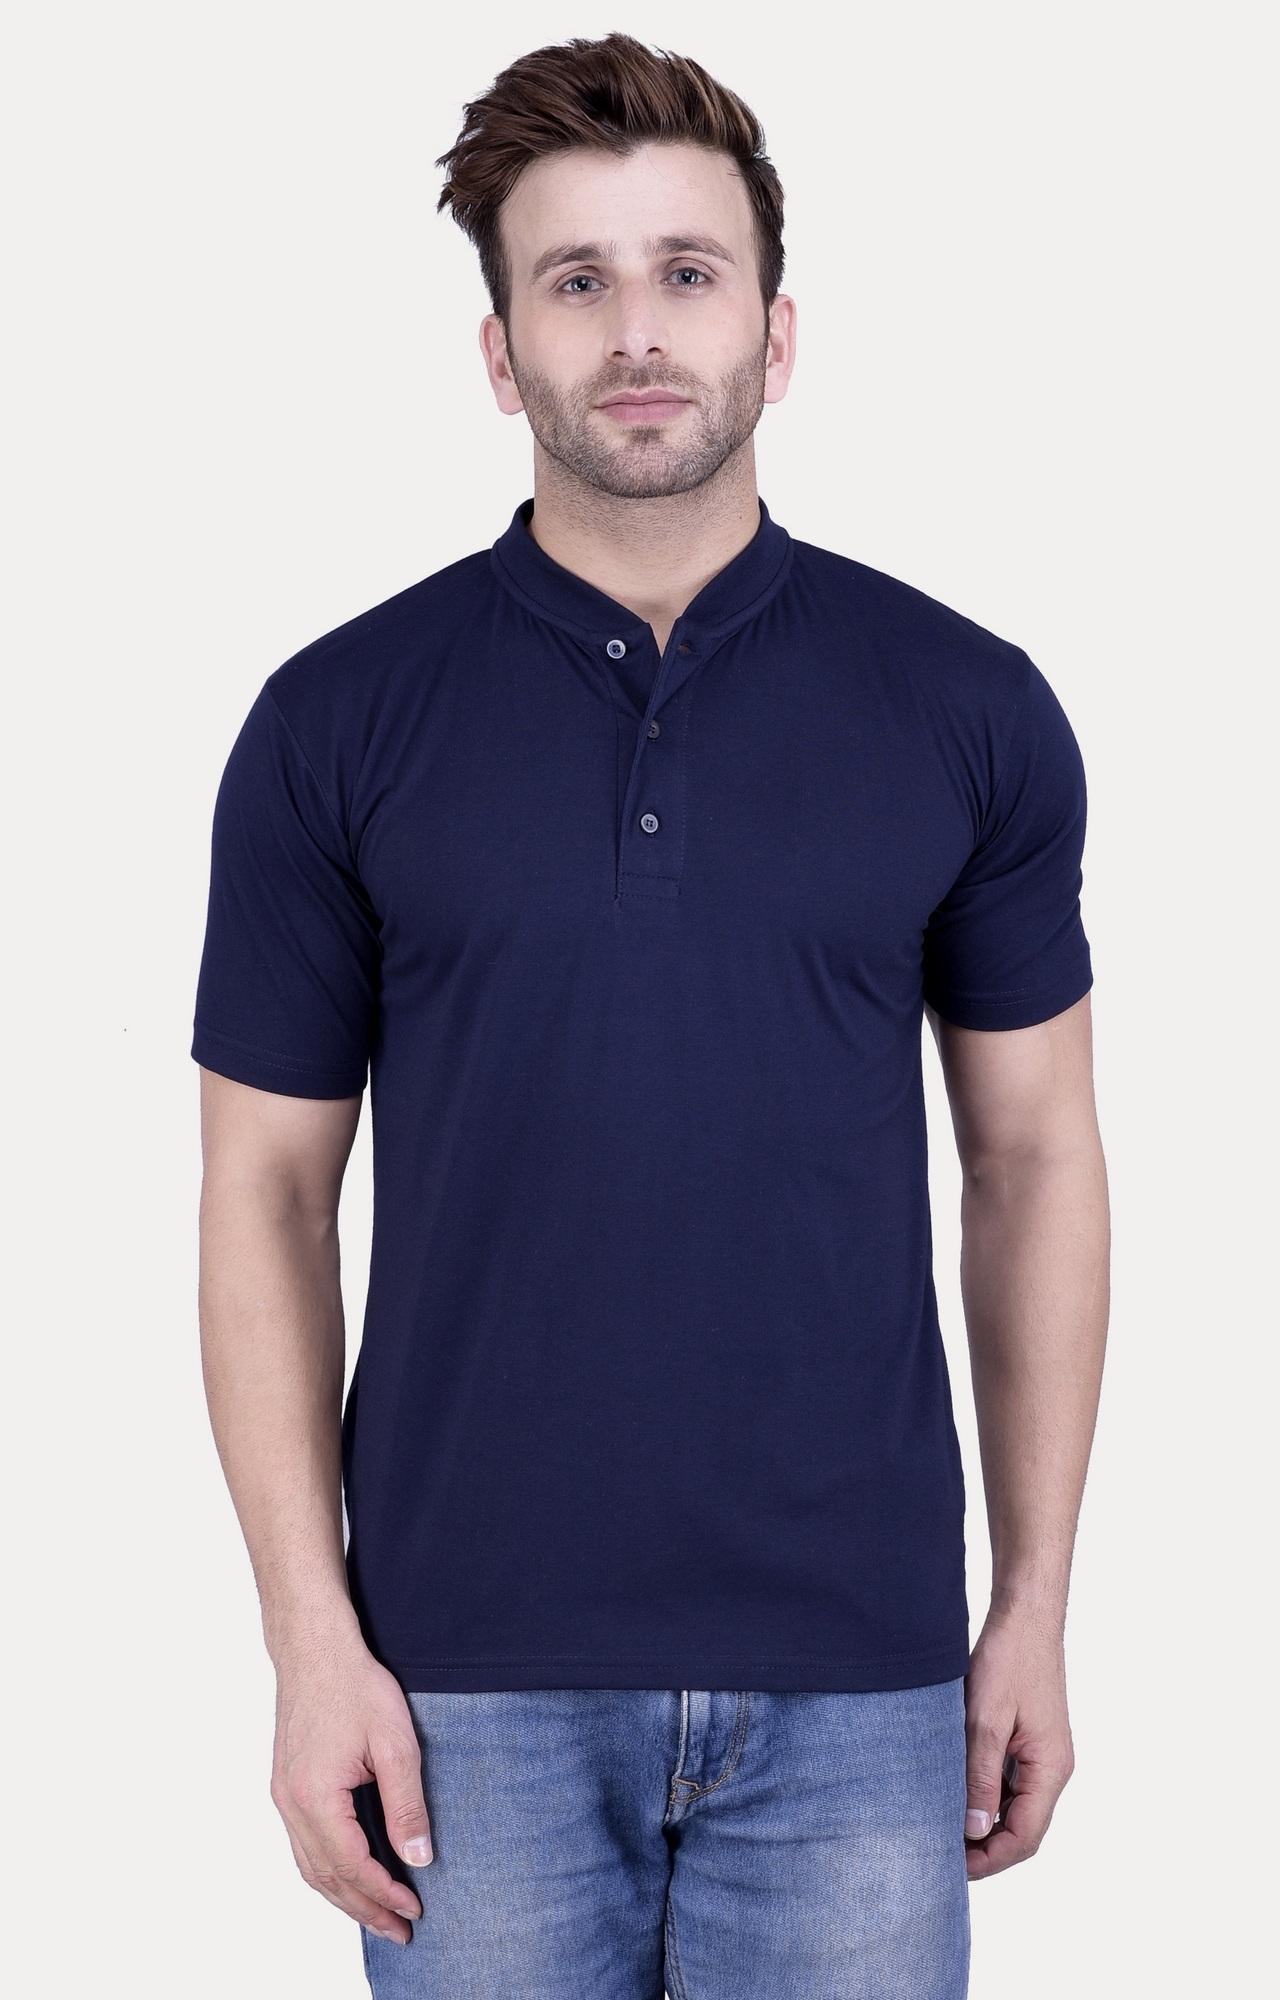 Weardo | Navy Blue Solid T-Shirt